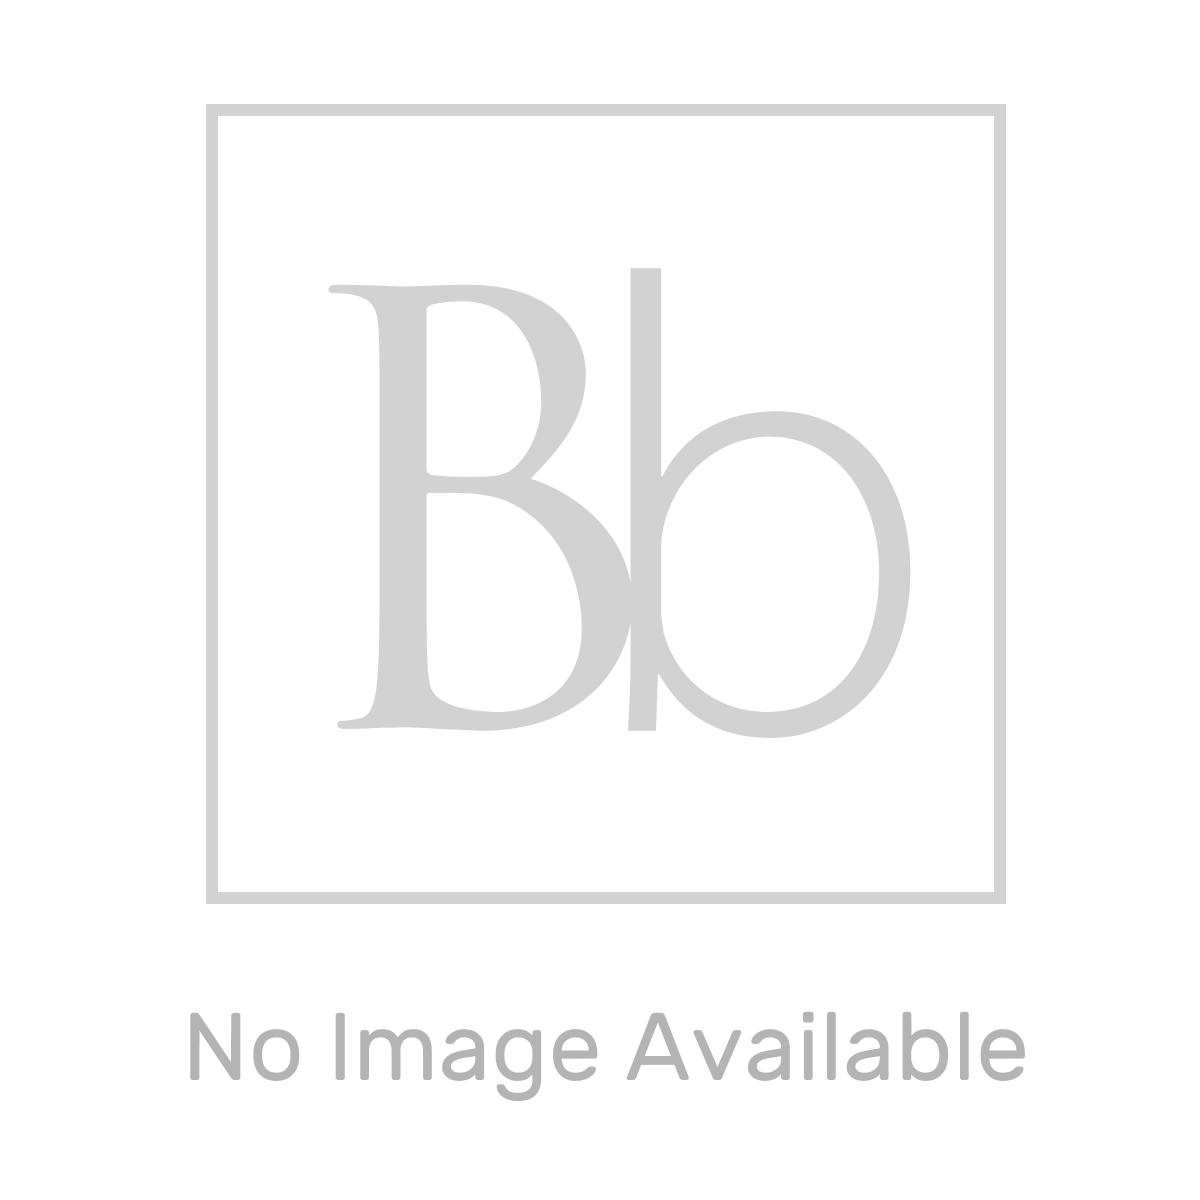 Premier Bath End Panel Lifestyle